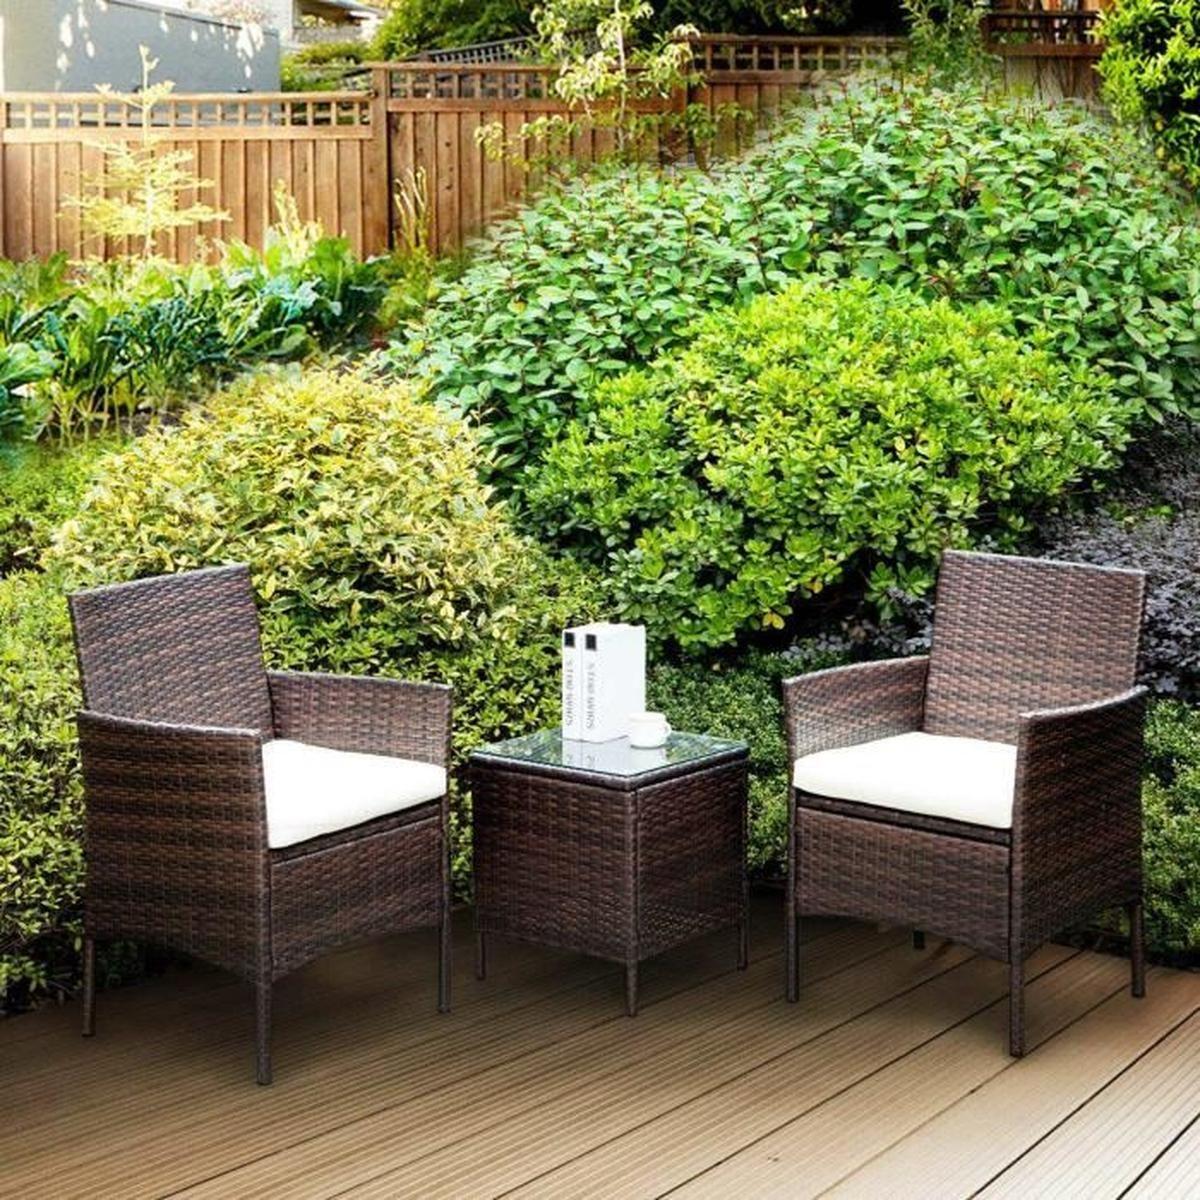 Salon De Jardin Resine Tressee 3 Pieces destiné Cdiscount Salon De Jardin En Resine